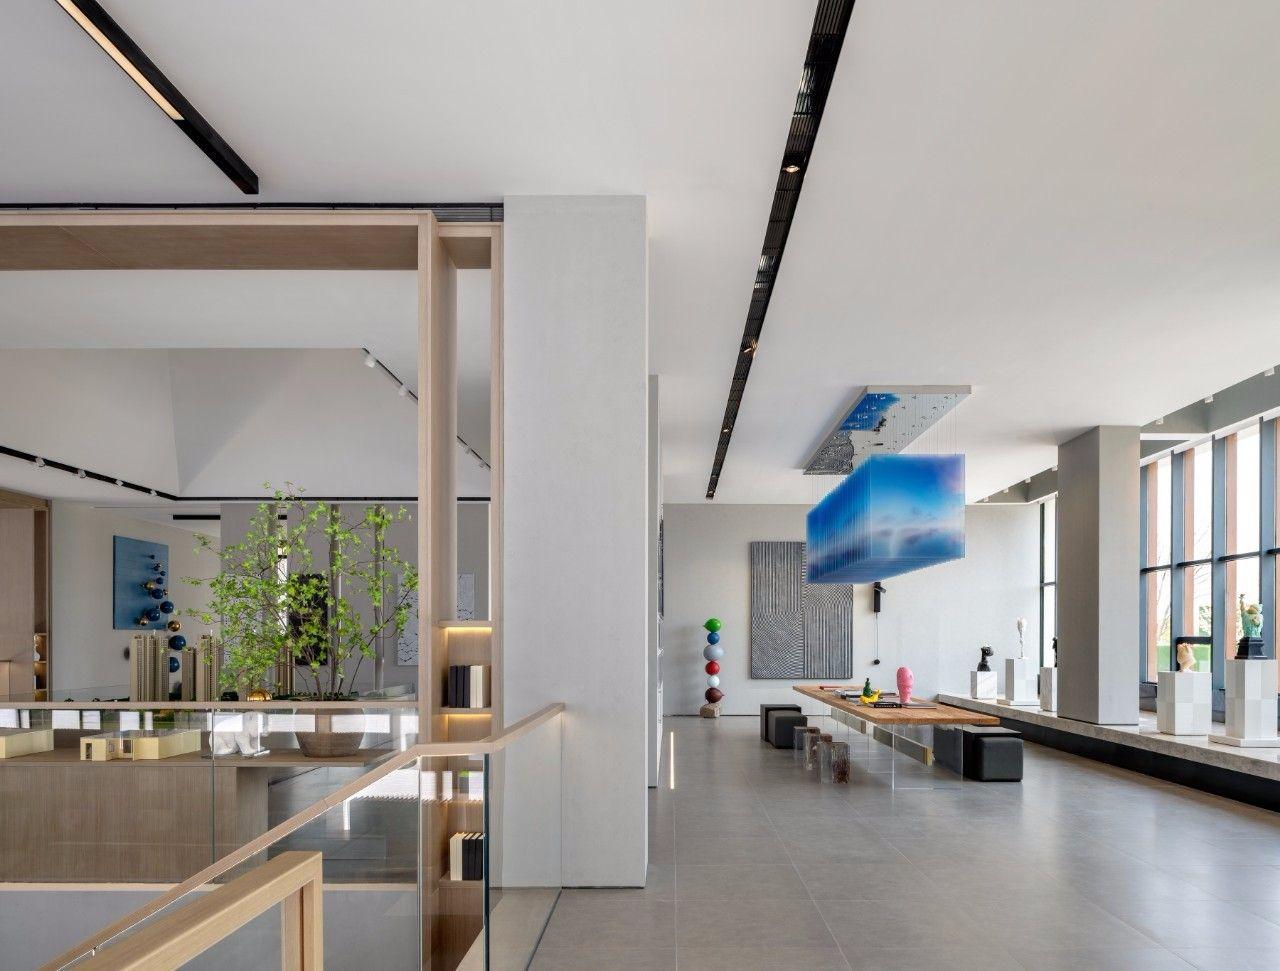 【G&K新作】武汉最艺术的沉浸体验式售楼处设计|G&K建筑设计咨询有限公司 - 6